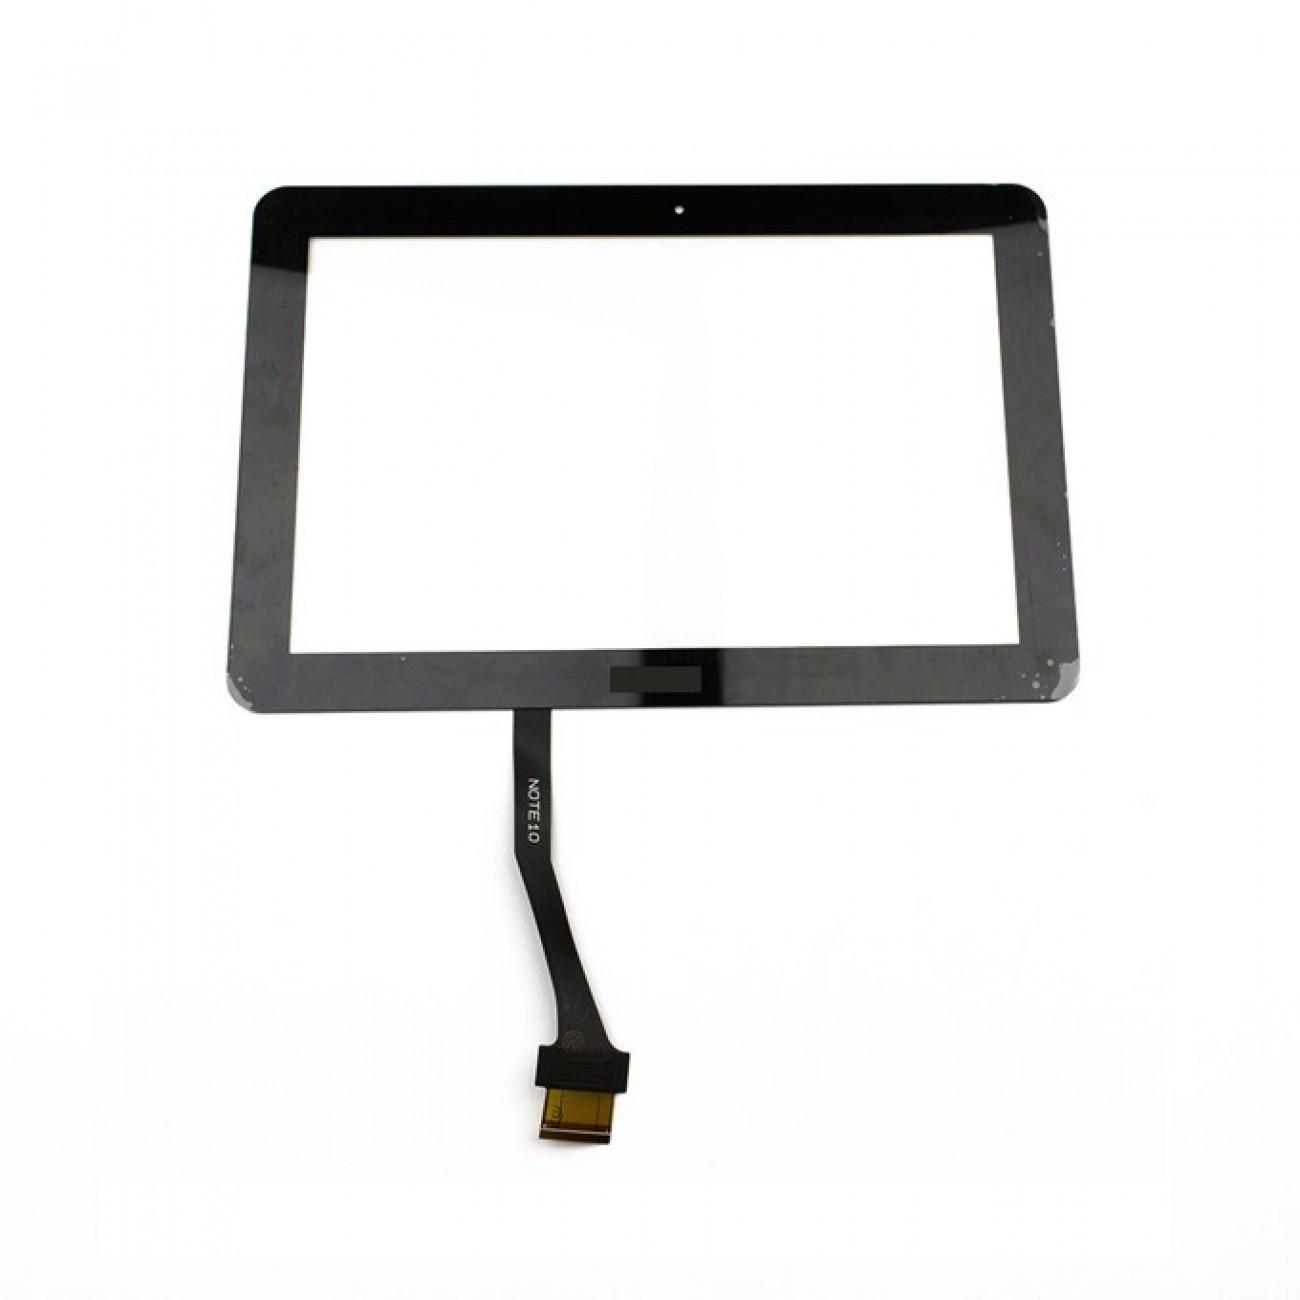 Тъч модул за Samsung Galaxy TAB P7500, touch, черен в Резервни части -  | Alleop